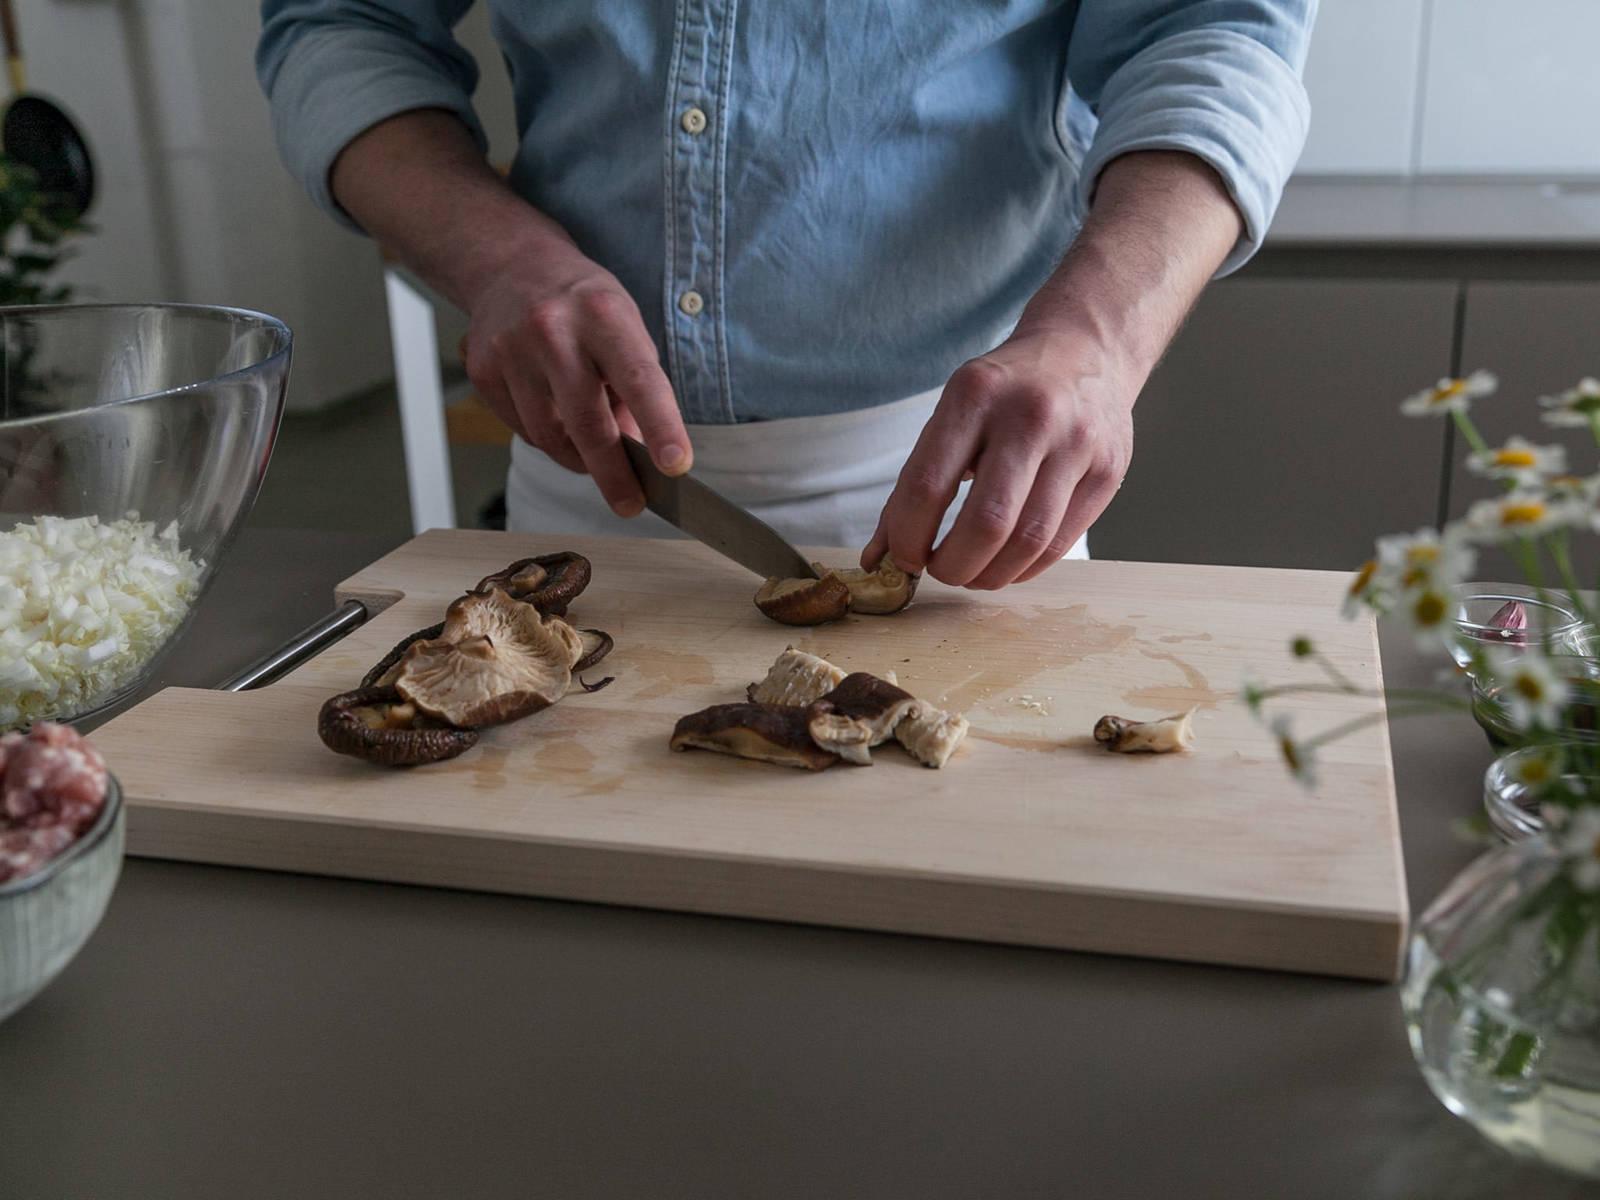 制作馅料:将香菇和木耳放到一碗温水中,泡至发软。滤干后,剁碎,放到搅拌碗中。将剁碎的白菜芯和猪肉末放到碗中,倒入些许生抽、蚝油和盐调味。搅拌均匀,腌制30分钟。